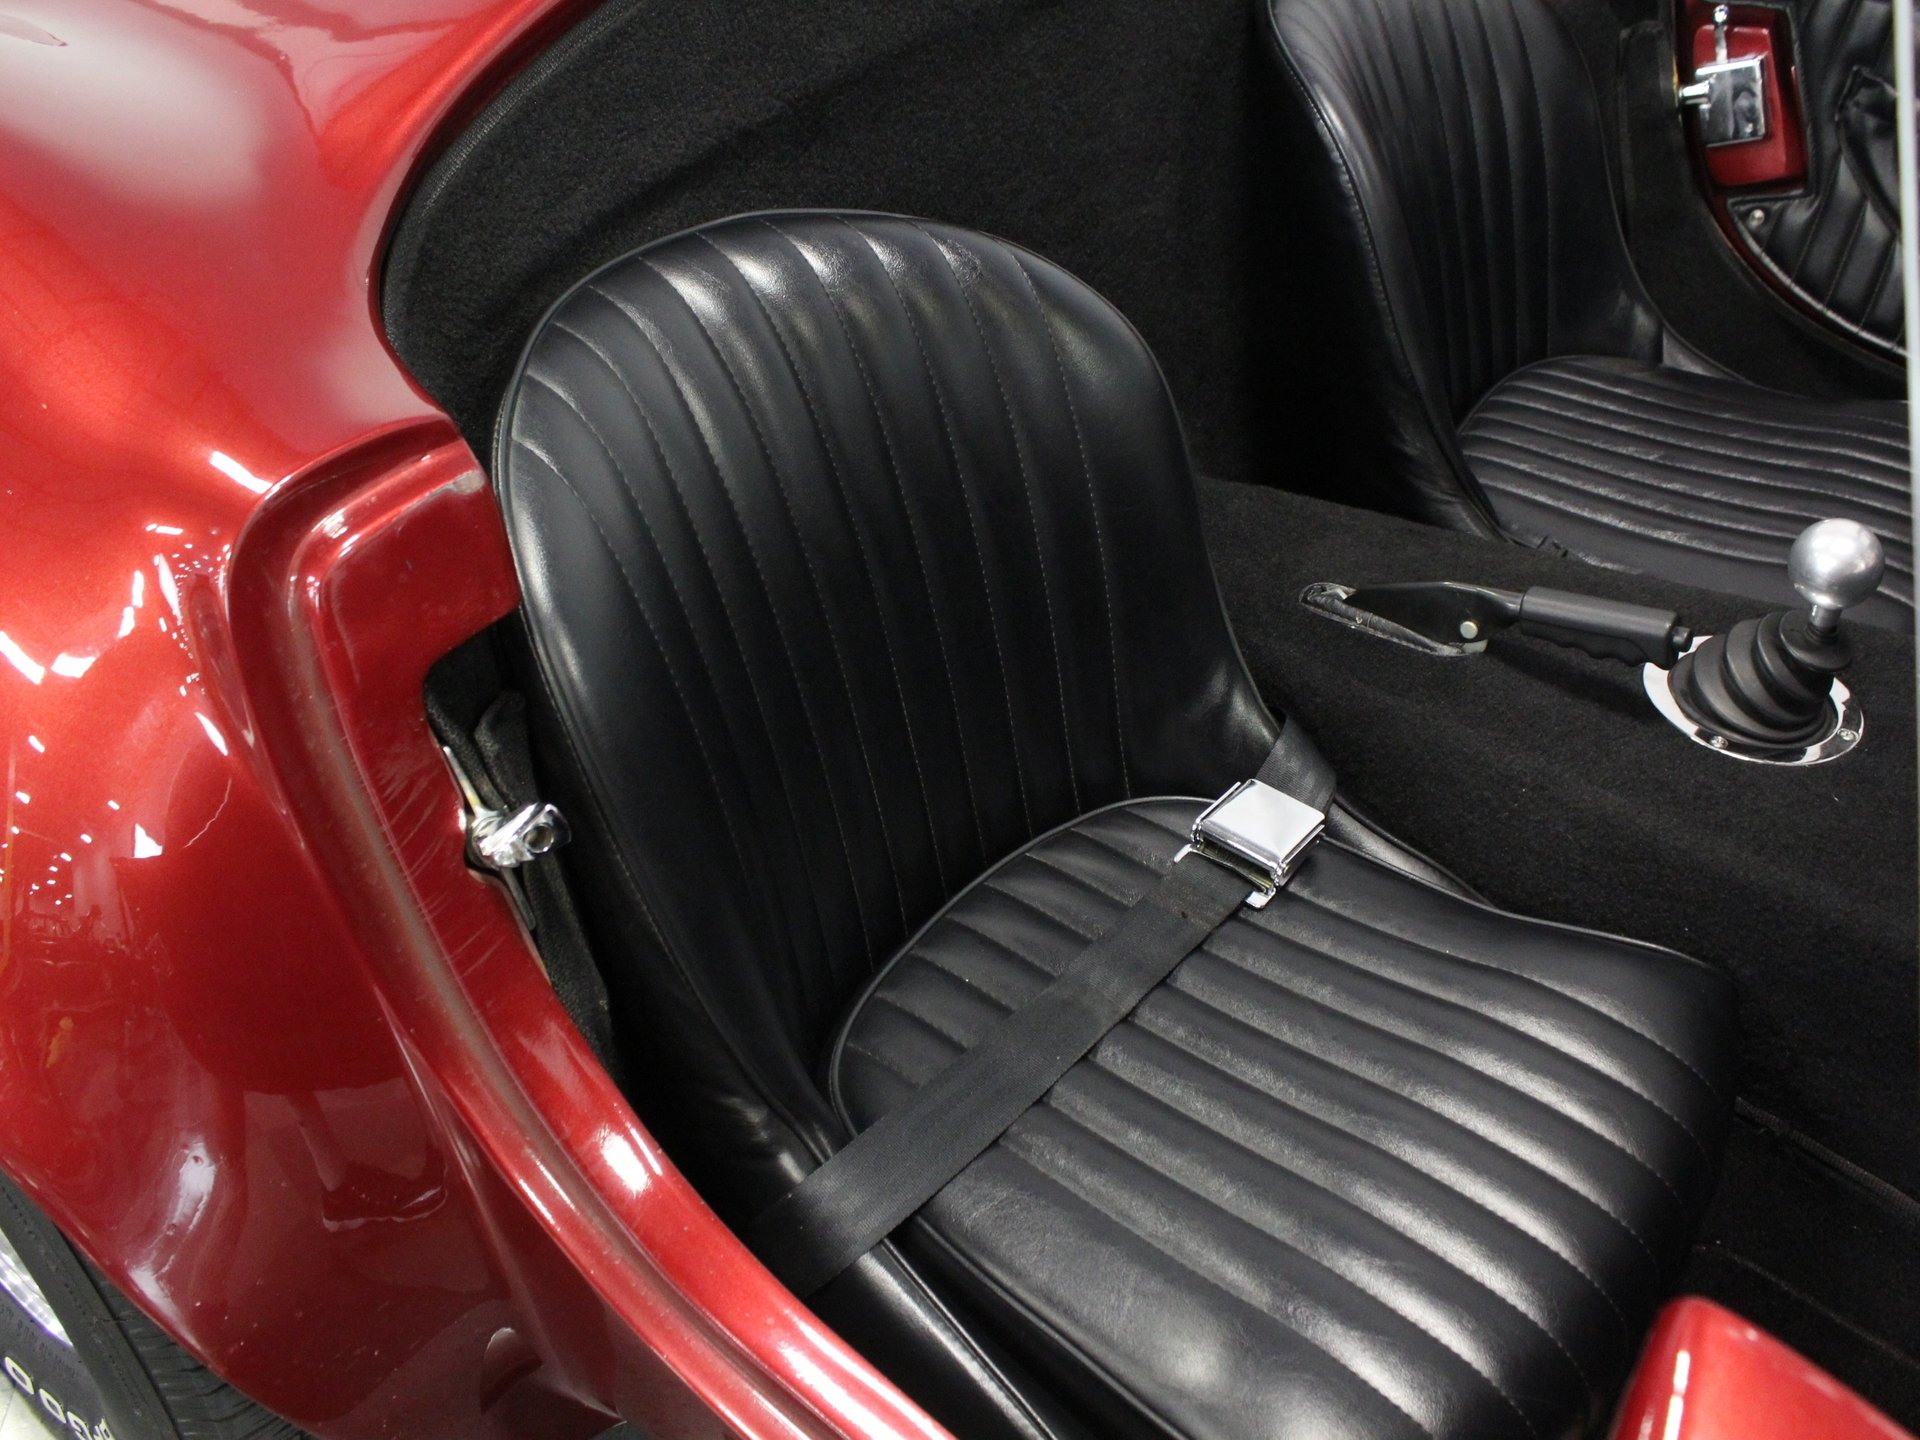 1967 Shelby Cobra | Streetside Classics - The Nation's